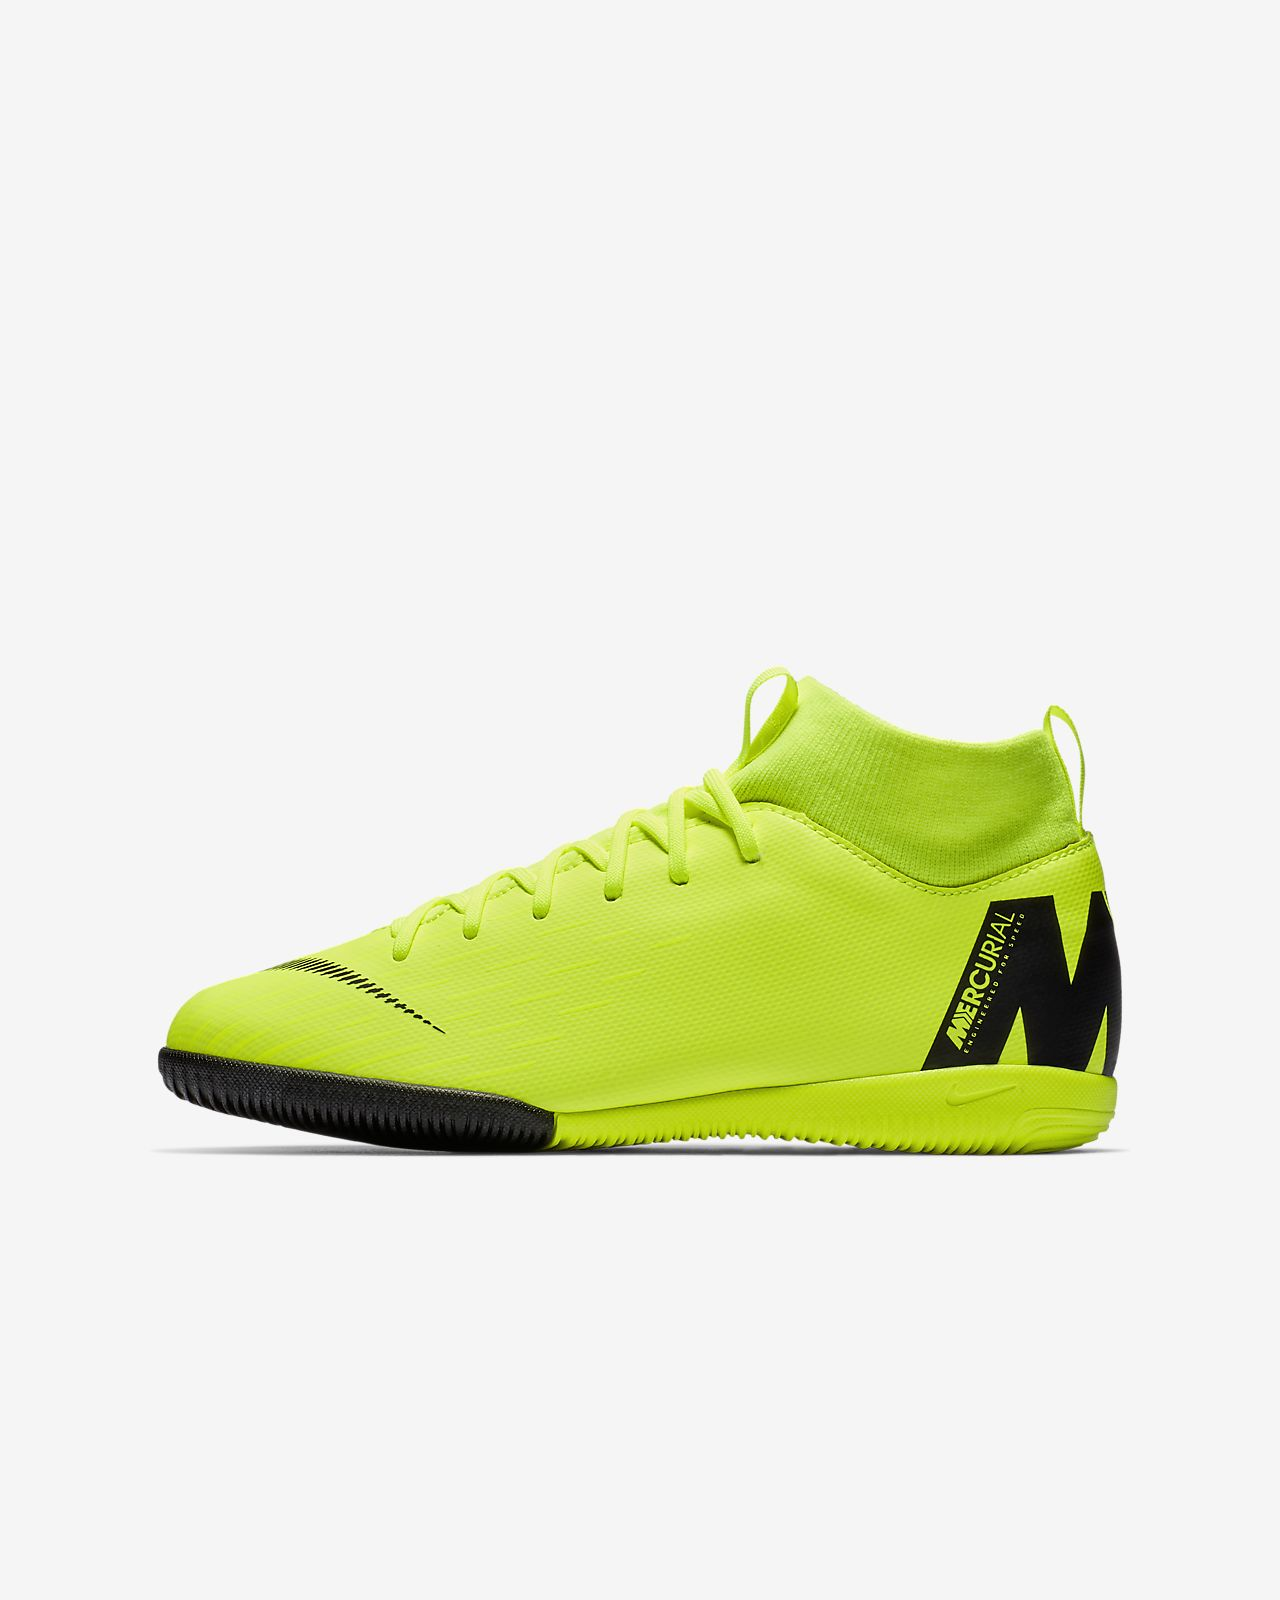 Calzado de fútbol para cancha cubierta para niños talla grande y pequeña  Nike Jr. SuperflyX a39f79d3e3f76